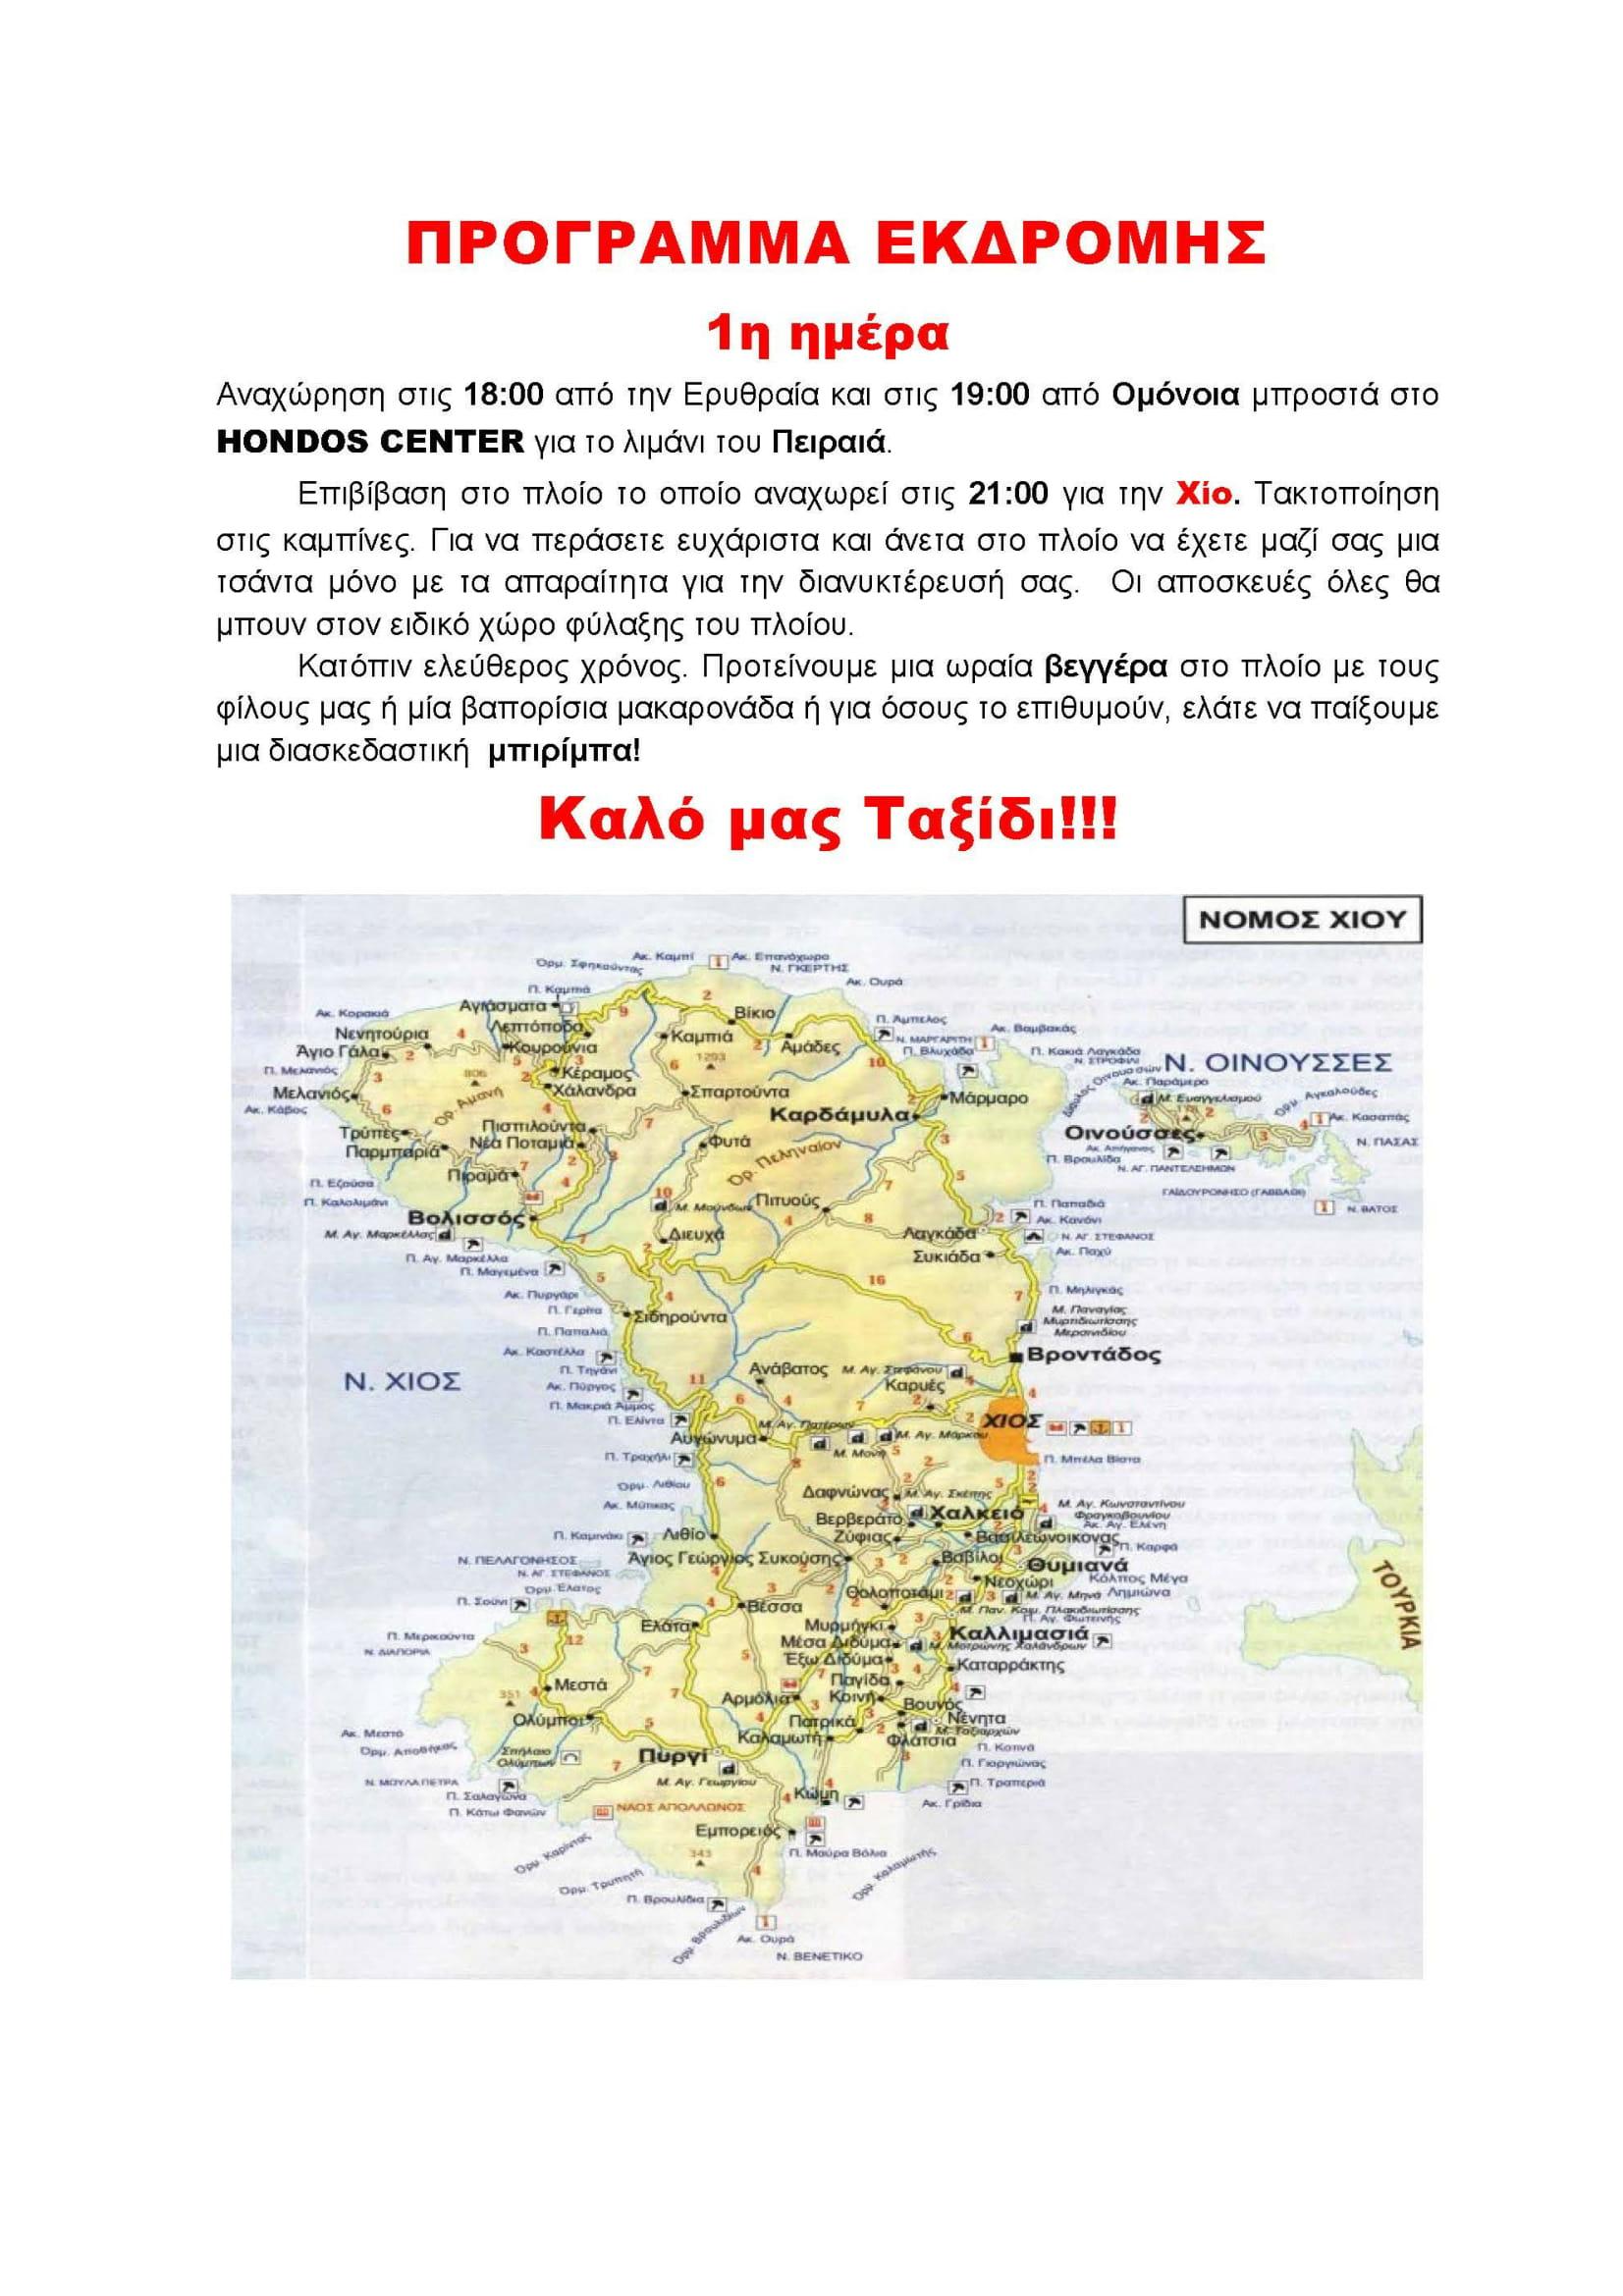 ΠΡΟΓΡΑΜΜΑ ΕΚΔΡΟΜΗΣ ΧΙΟΥ ΔΕΥΤΕΡΗ ΕΙΔΟΠΟΙΗΣΗ-04